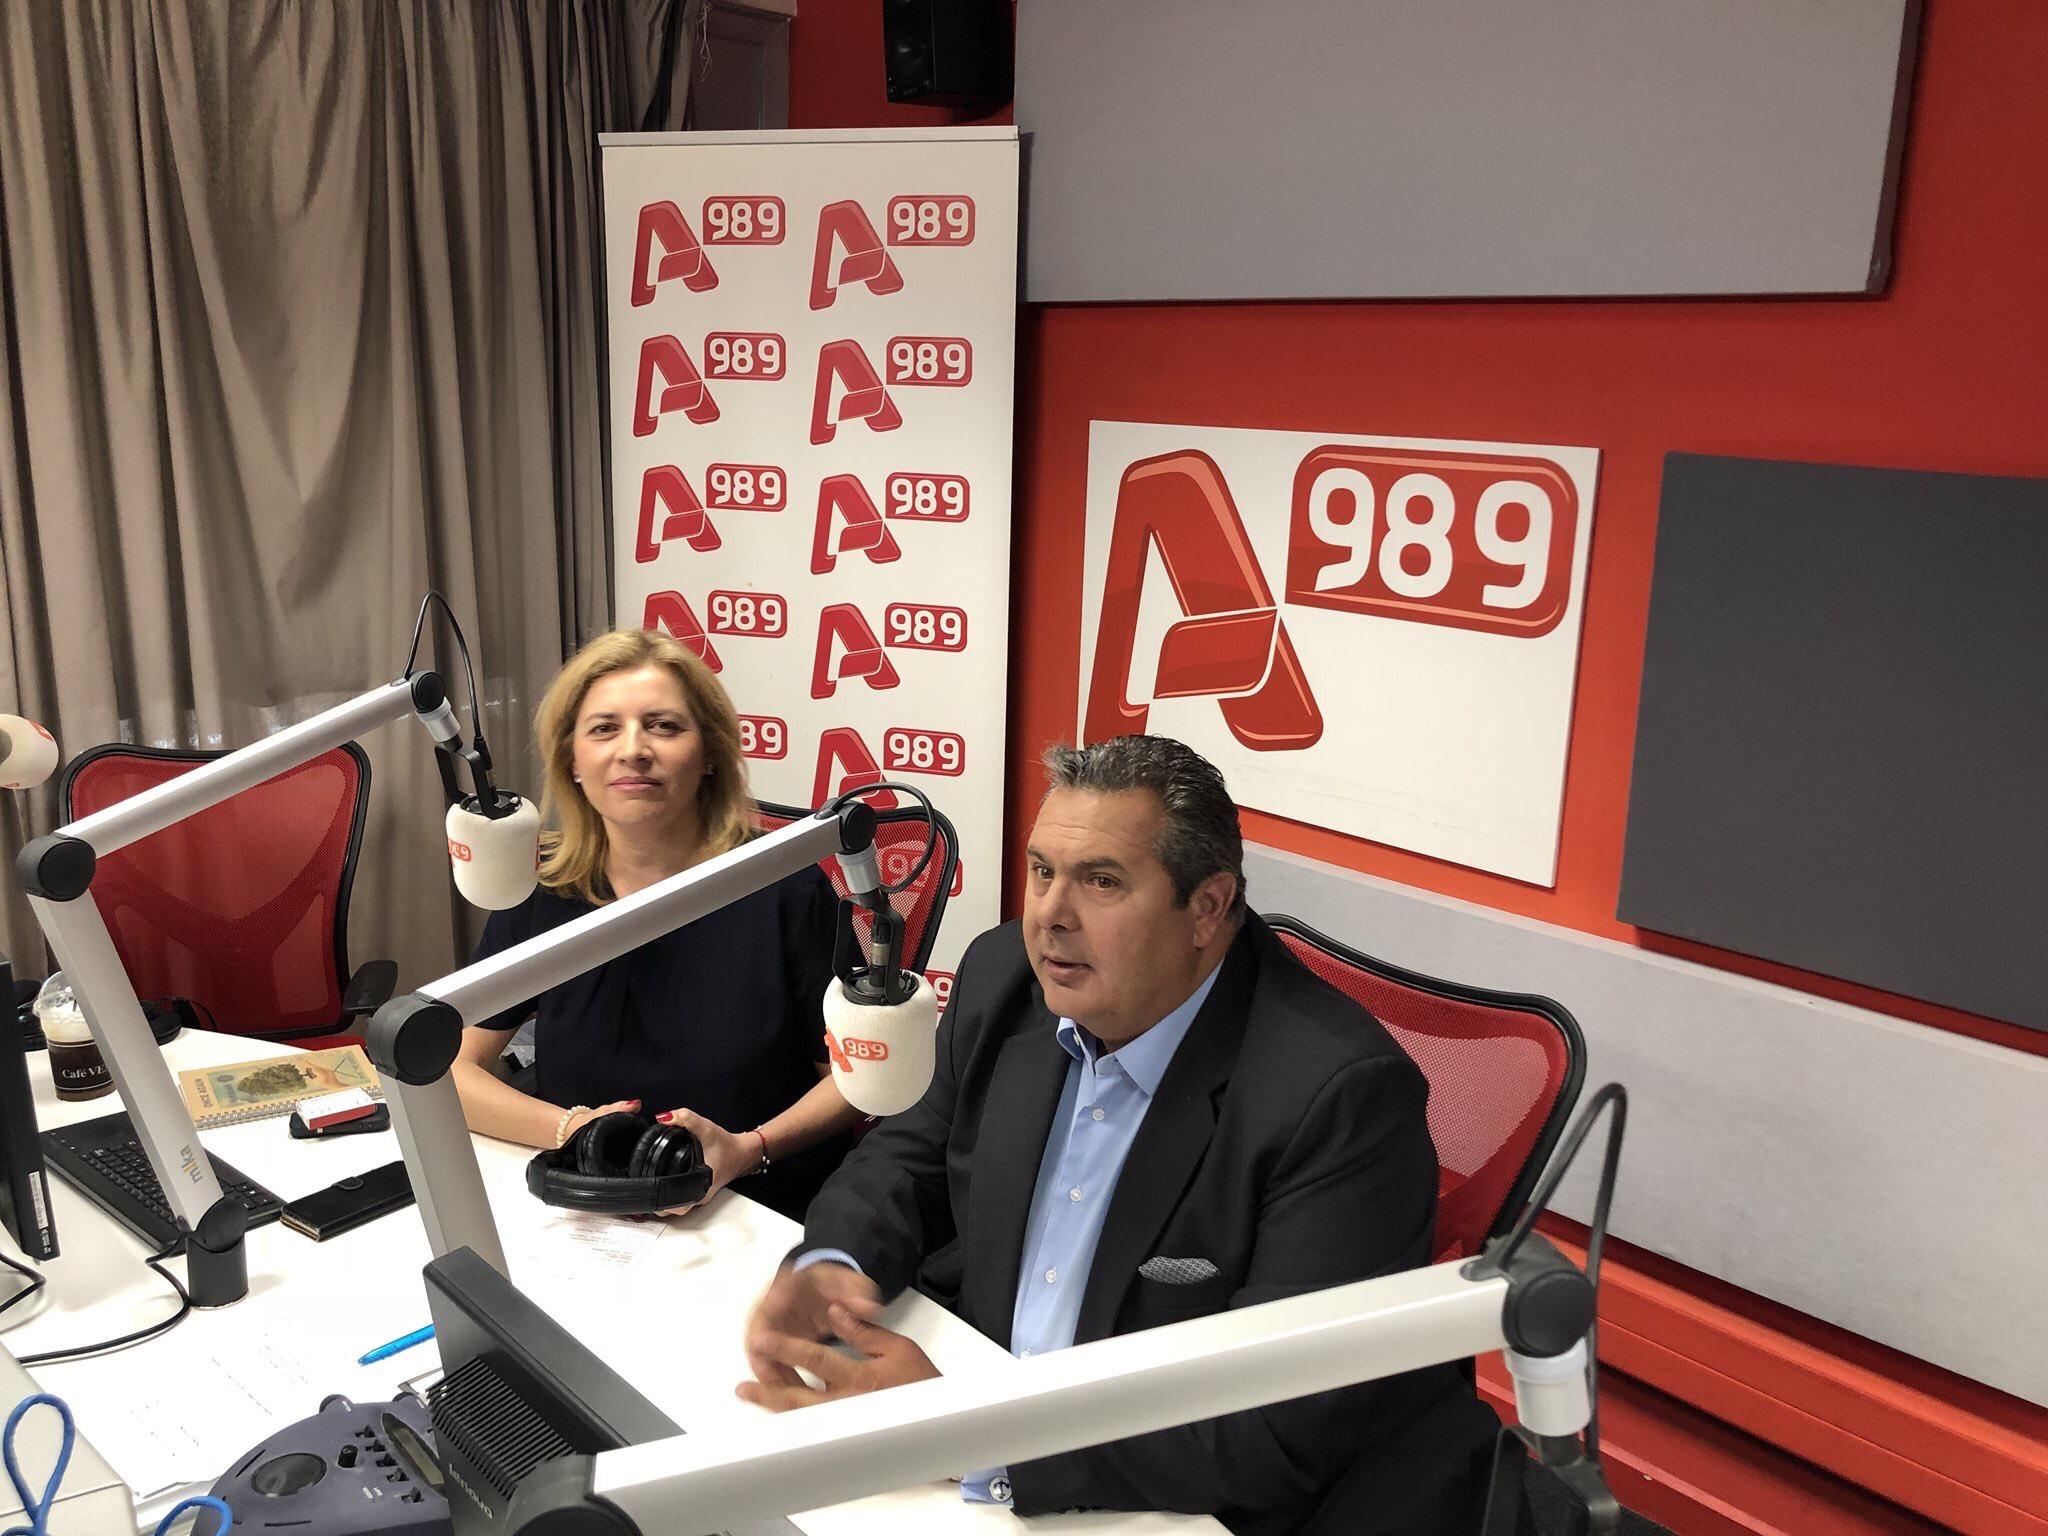 Ολόκληρη η συνέντευξη του @PanosKammenos στην @LauraIoannou @_Aplha989 [VIDEO]